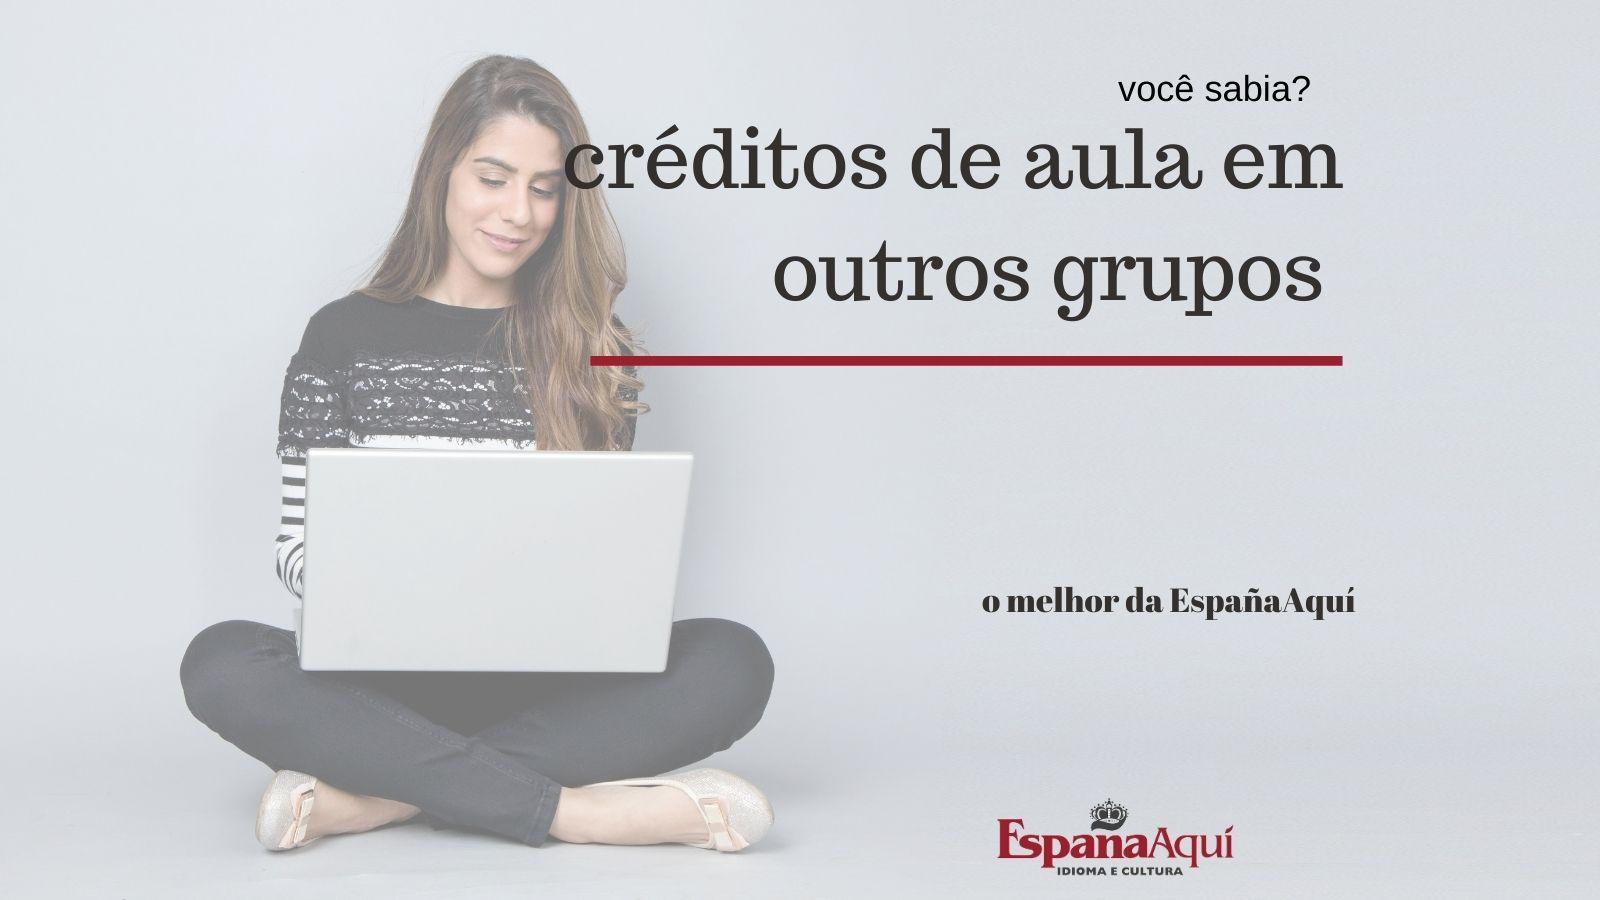 https://www.espanaaqui.com.br/pdf/fevereiro%202021/C%c3%b3pia%20de%20cr%c3%a9ditos%20de%20aula.jpg